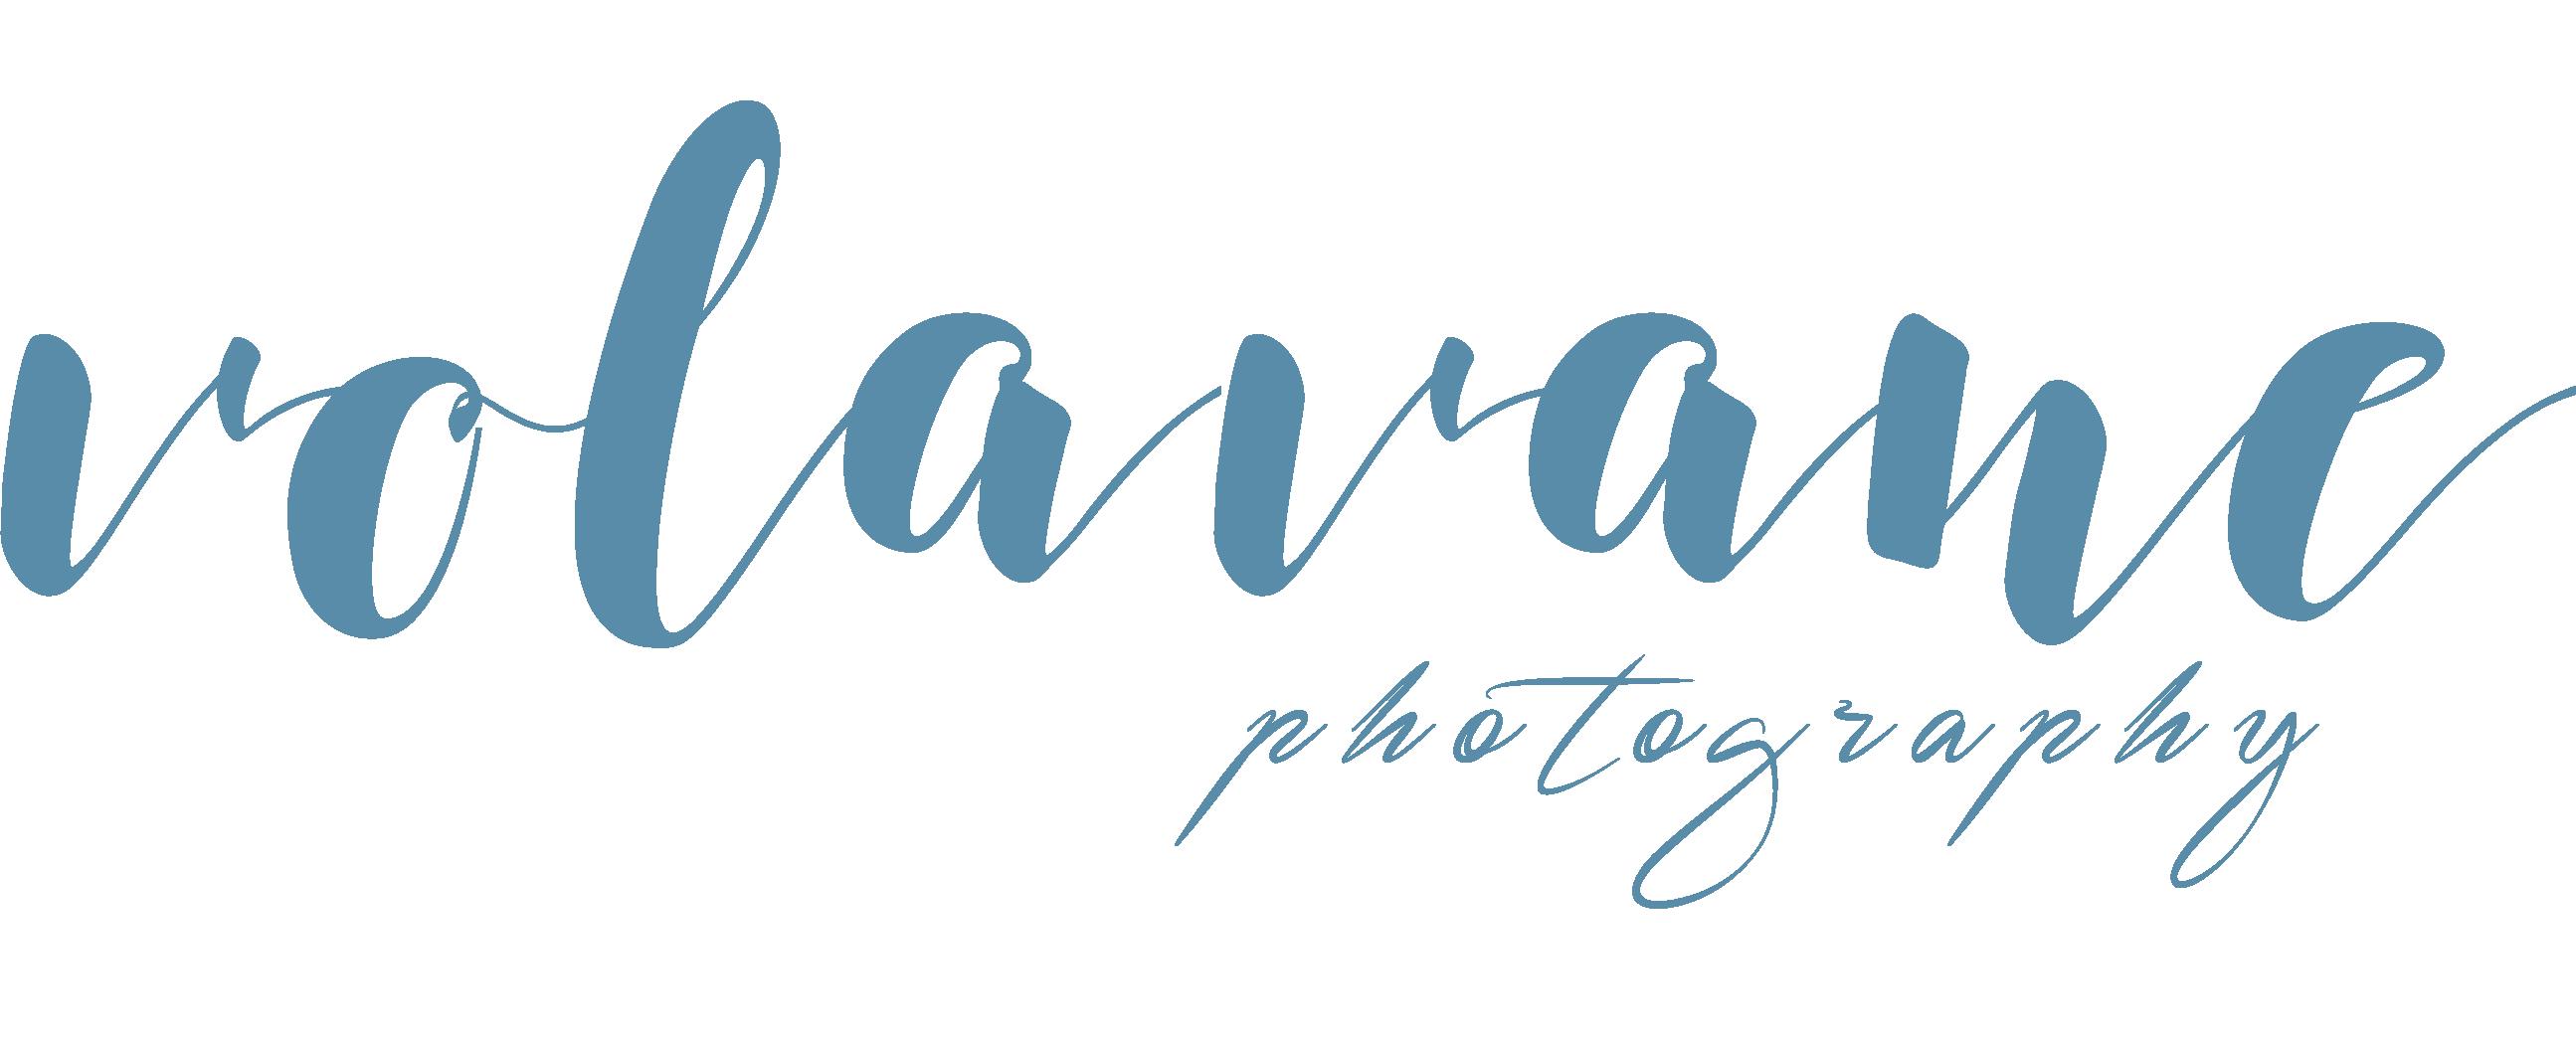 VOLAVANE  photography